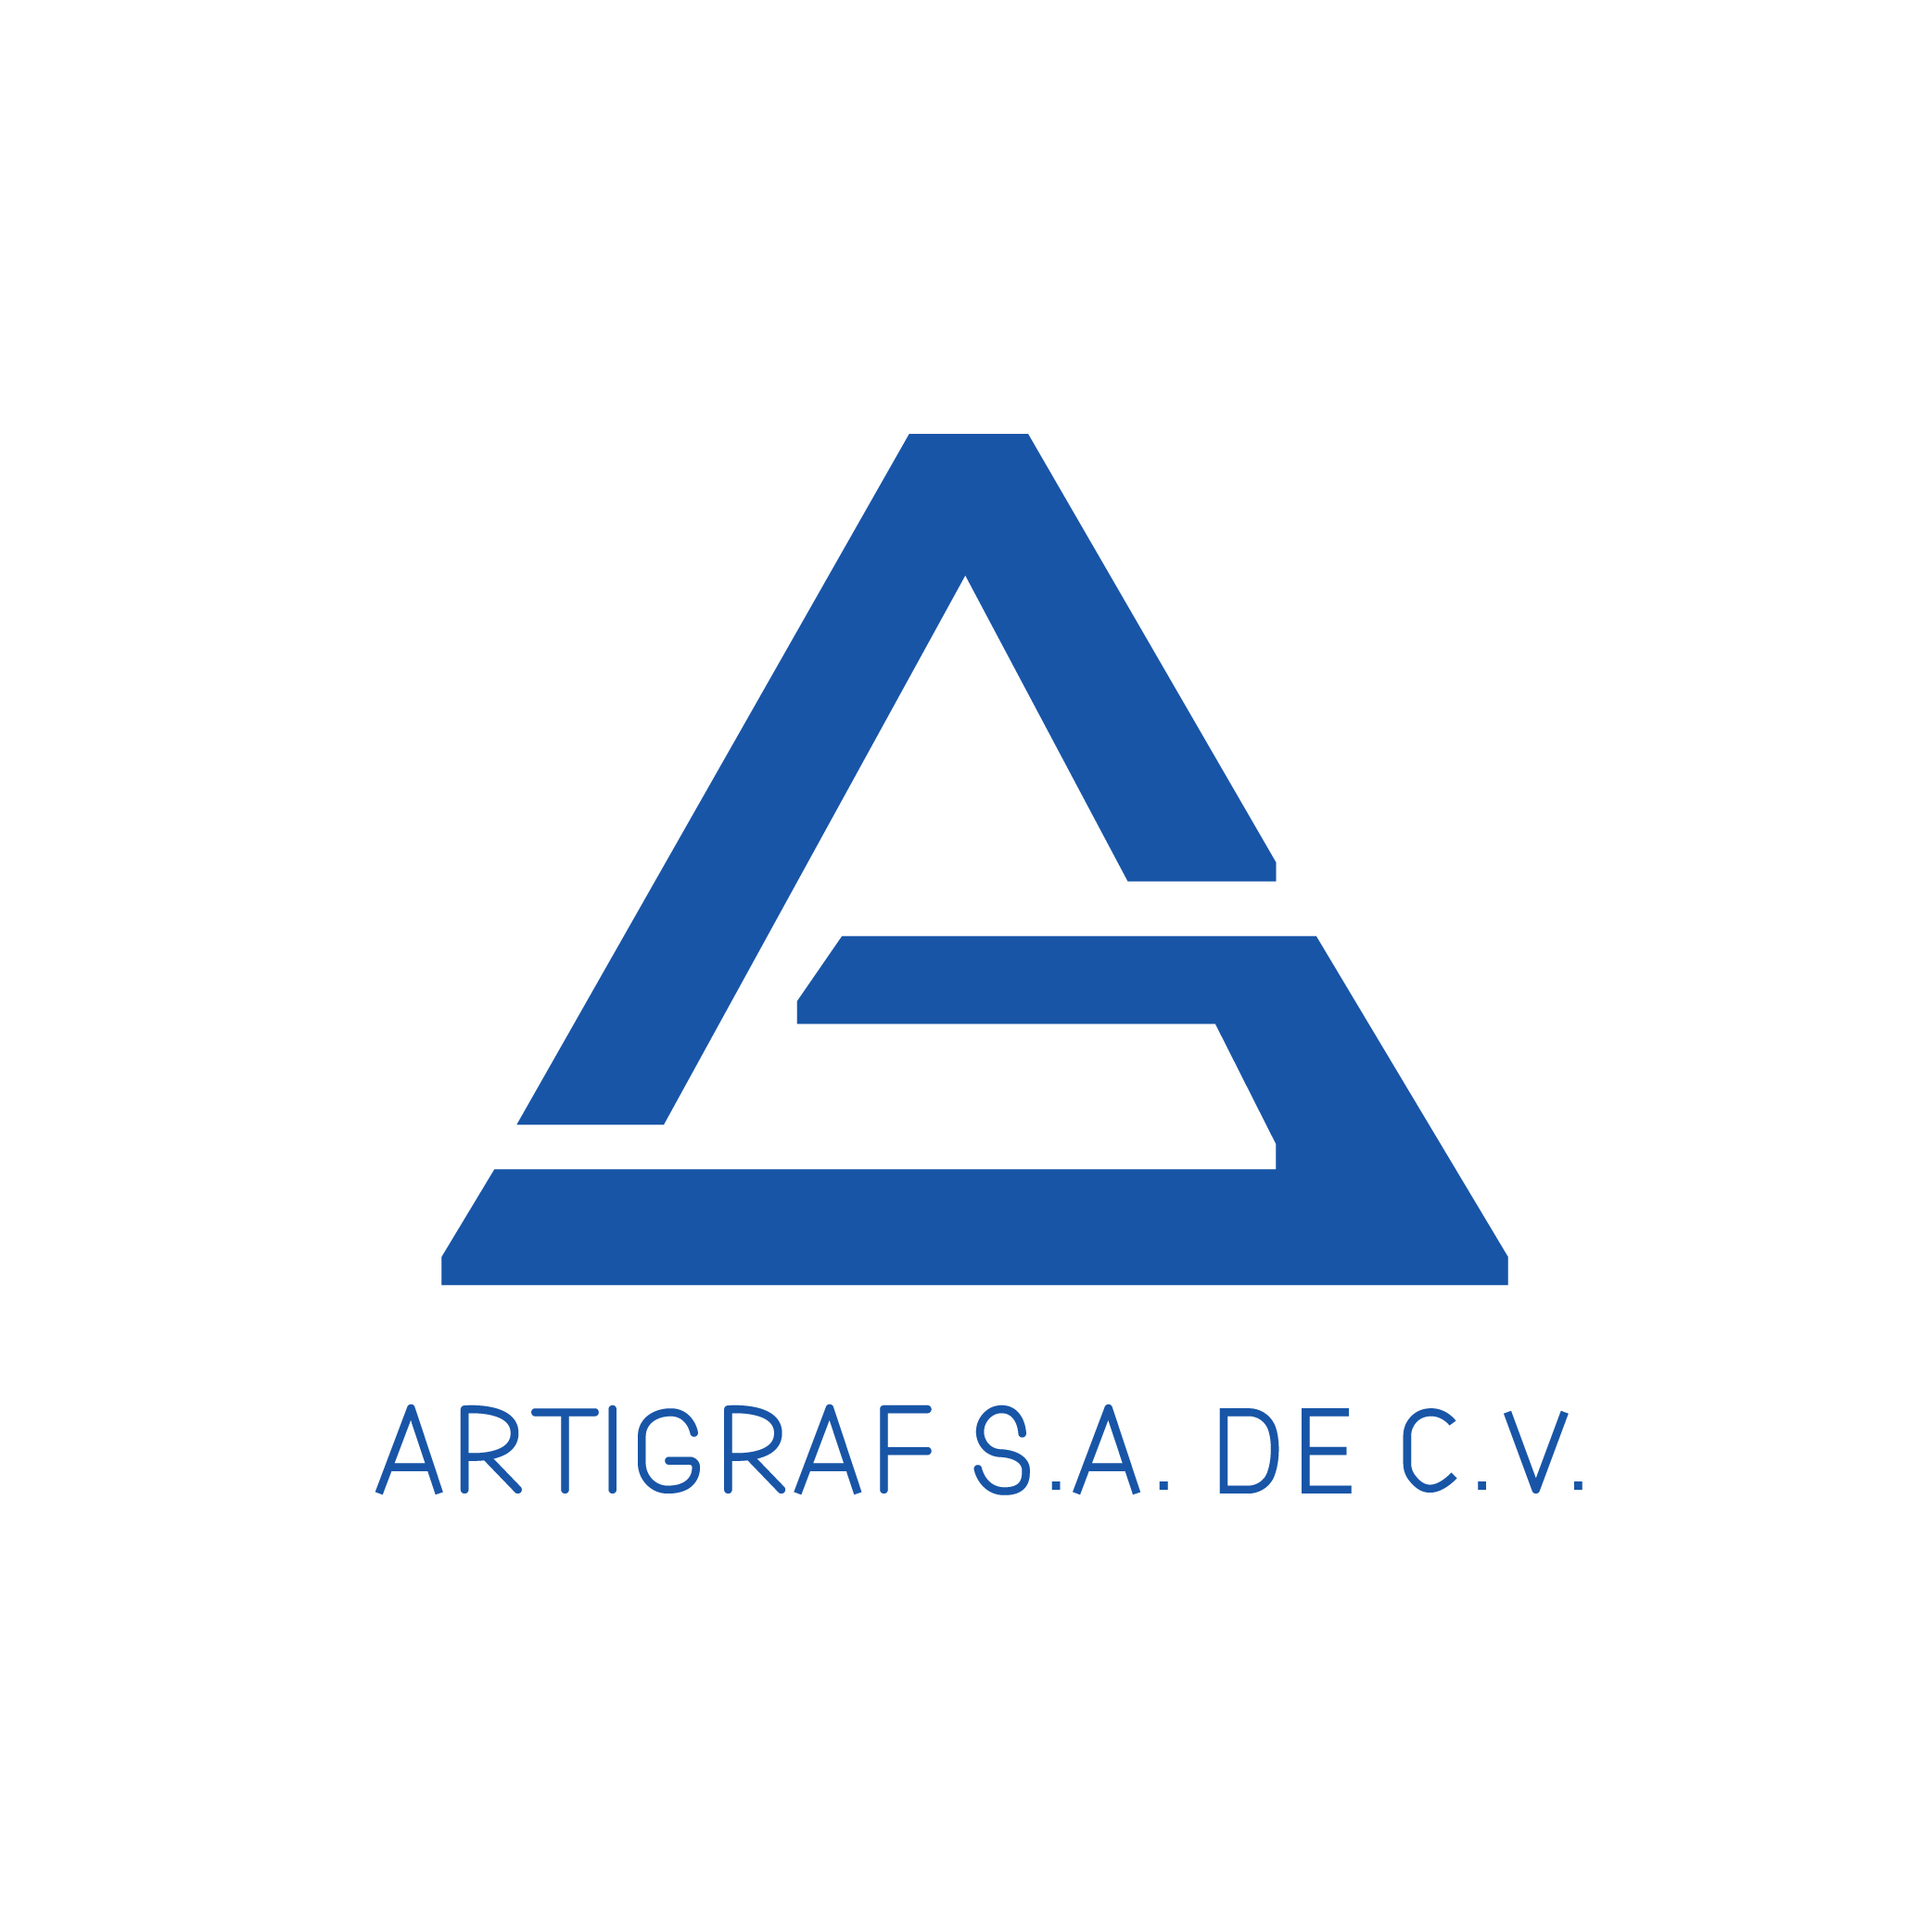 logos_Mesa de trabajo 1 copia 5